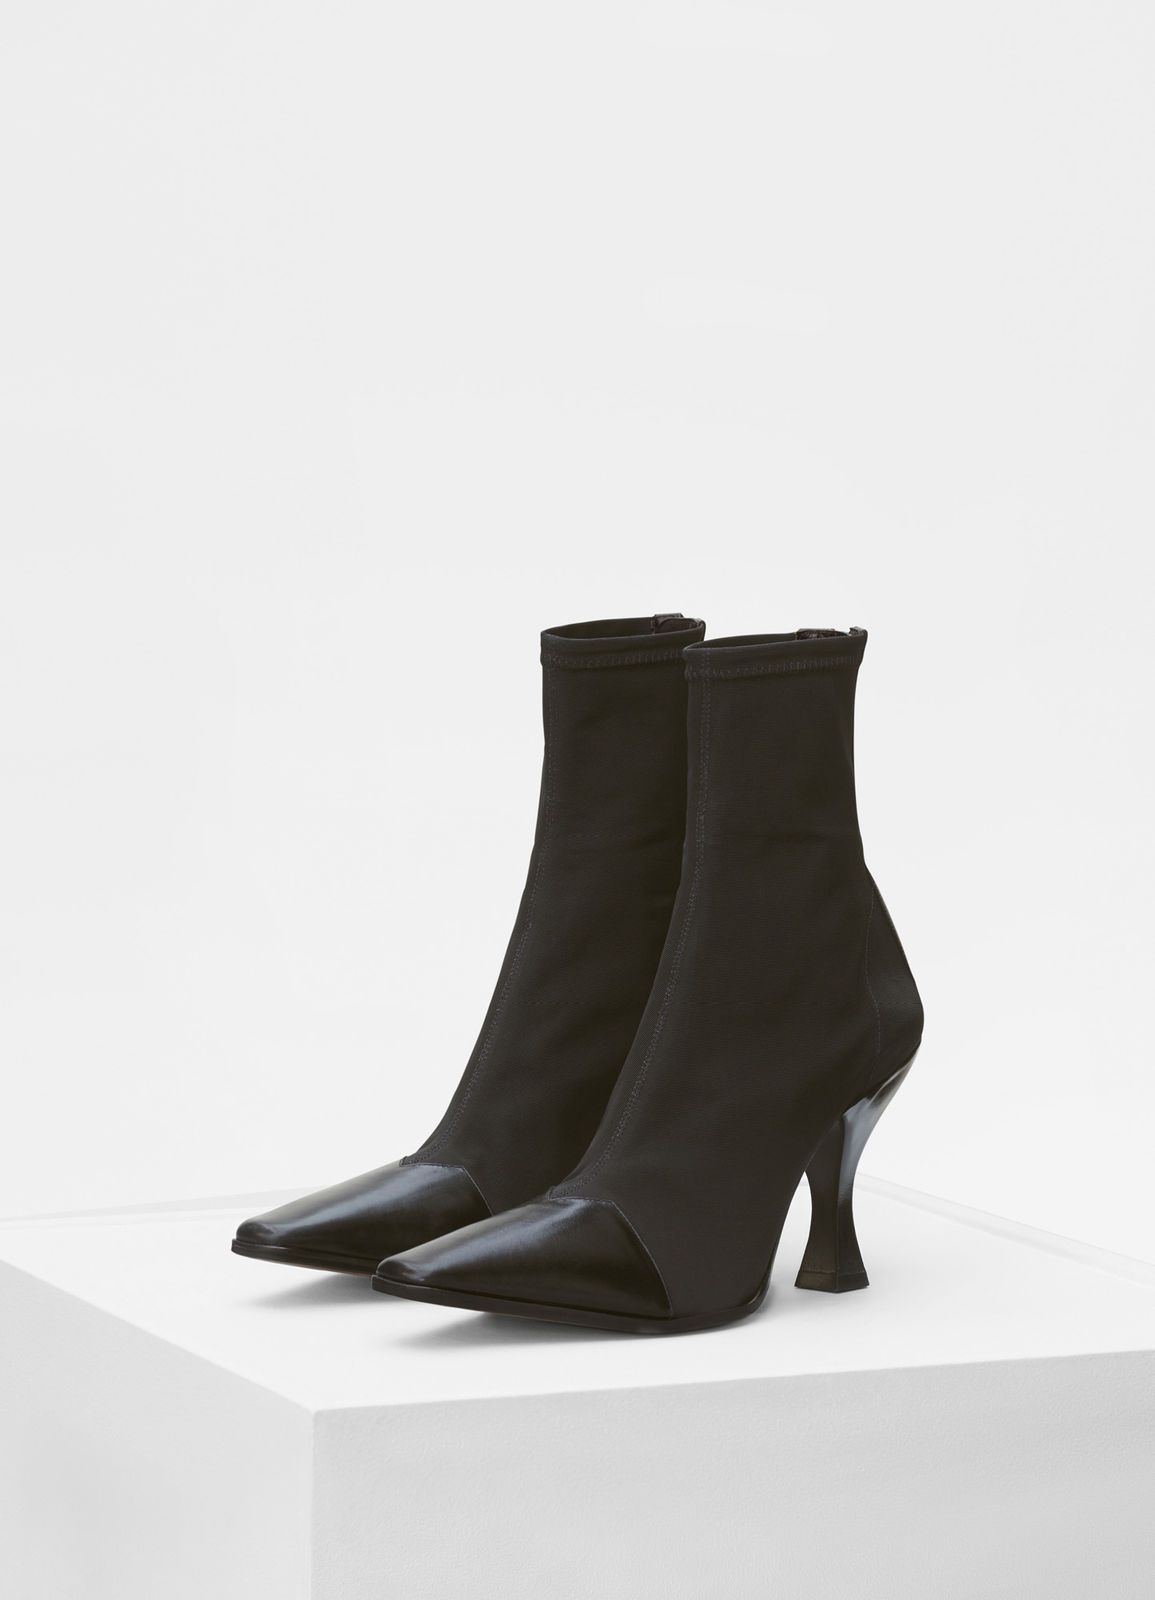 Shoes, Boots, Shoe boots